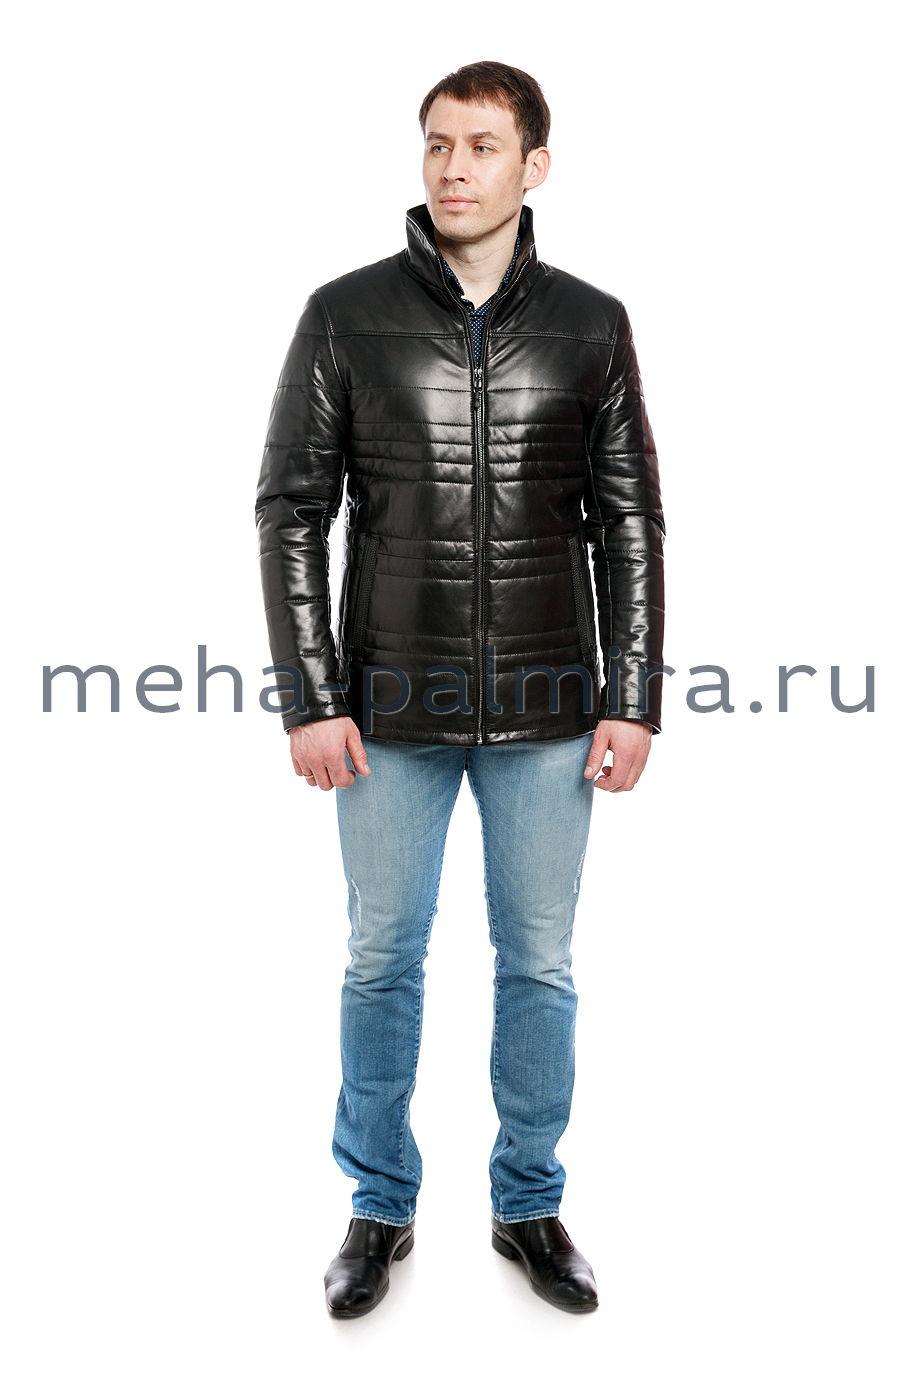 Утеплённая кожаная куртка на молнии